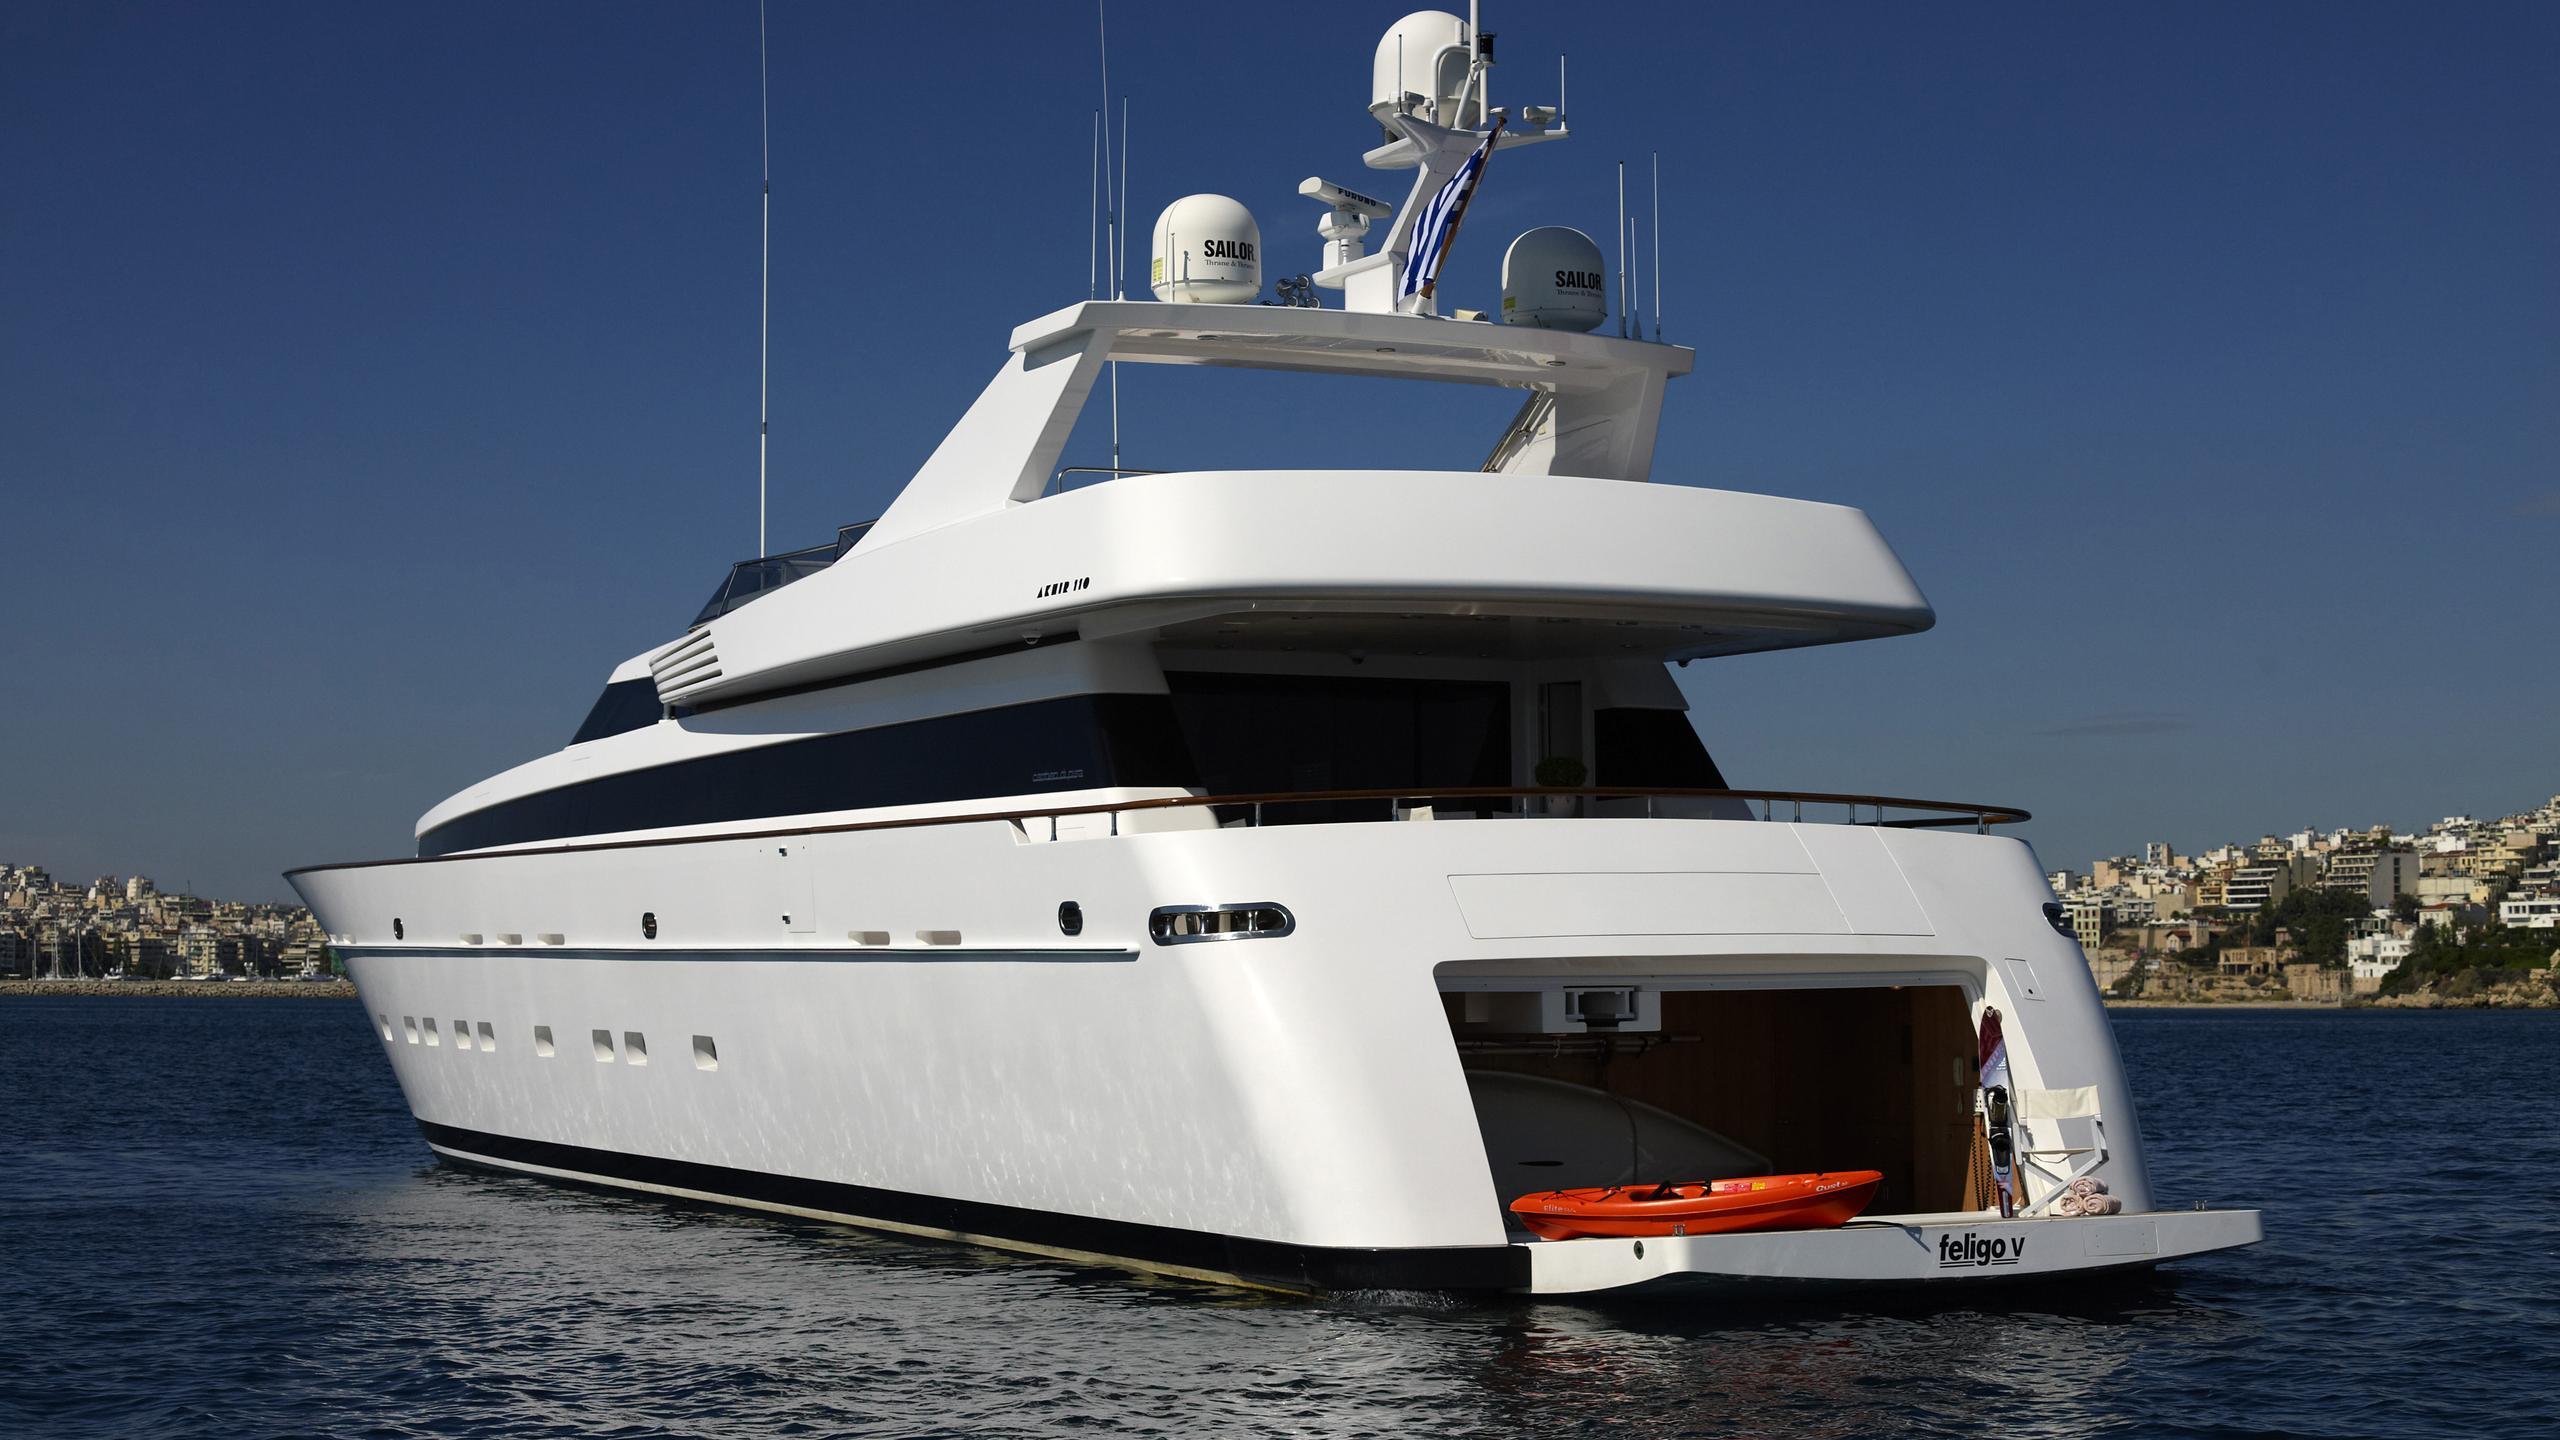 feligo-v-yacht-stern